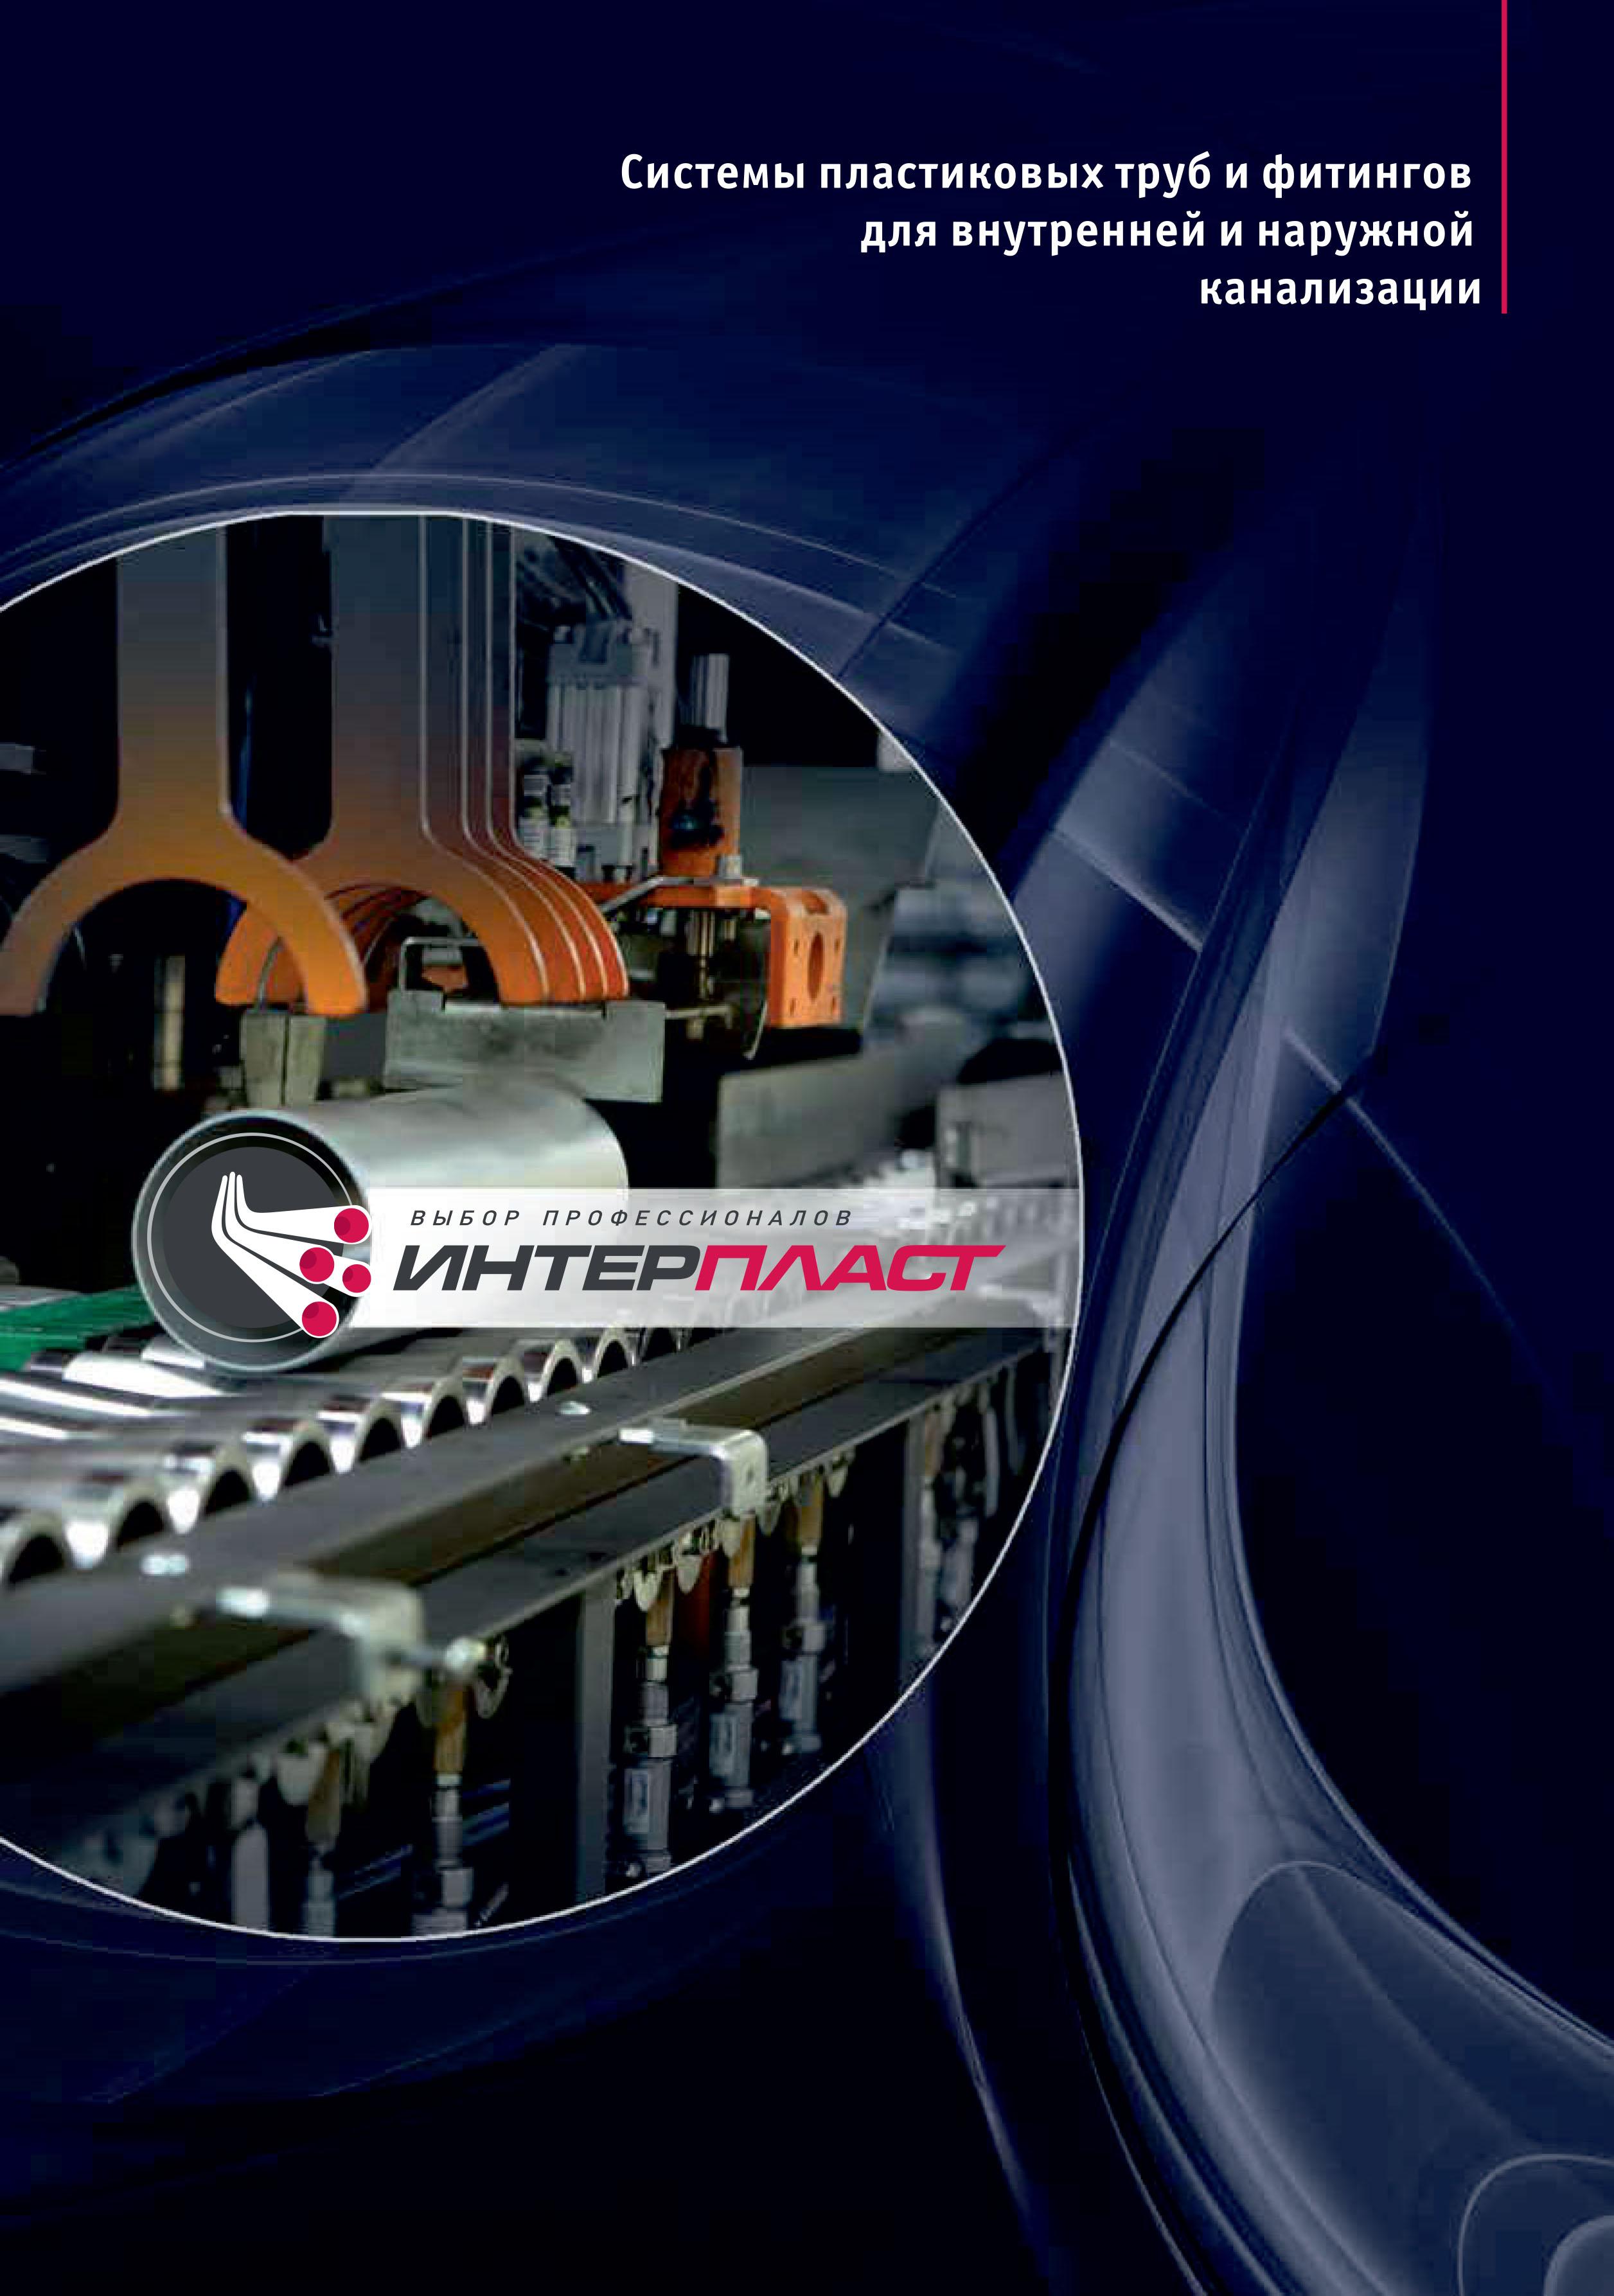 Система пластиковых труб и фитингов для внутренней и наружной канализации